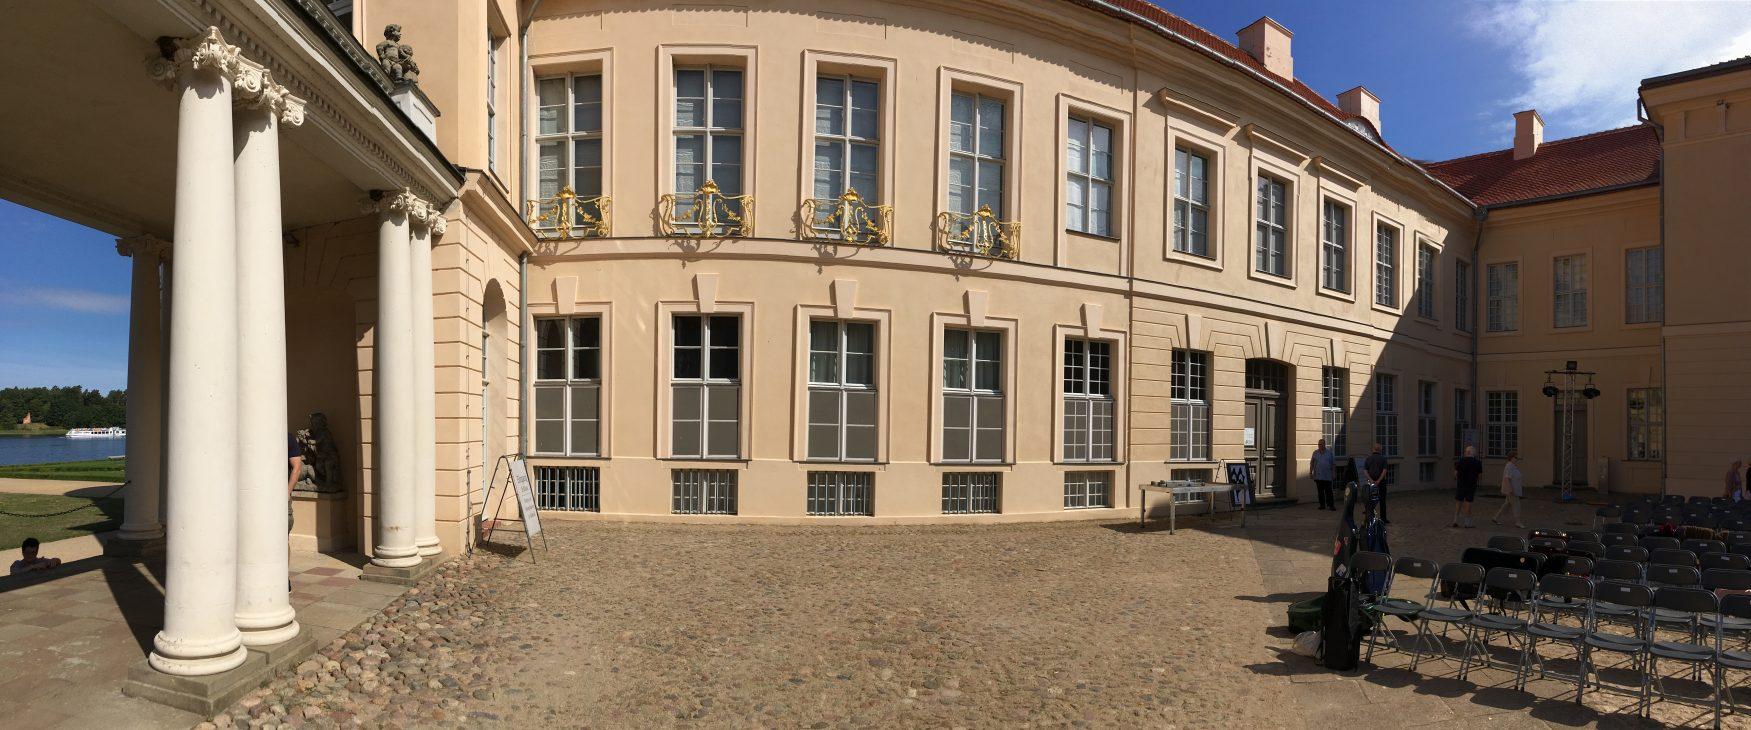 Blick in den Innenhof von Schloss Rheinsberg, Foto: Weirauch